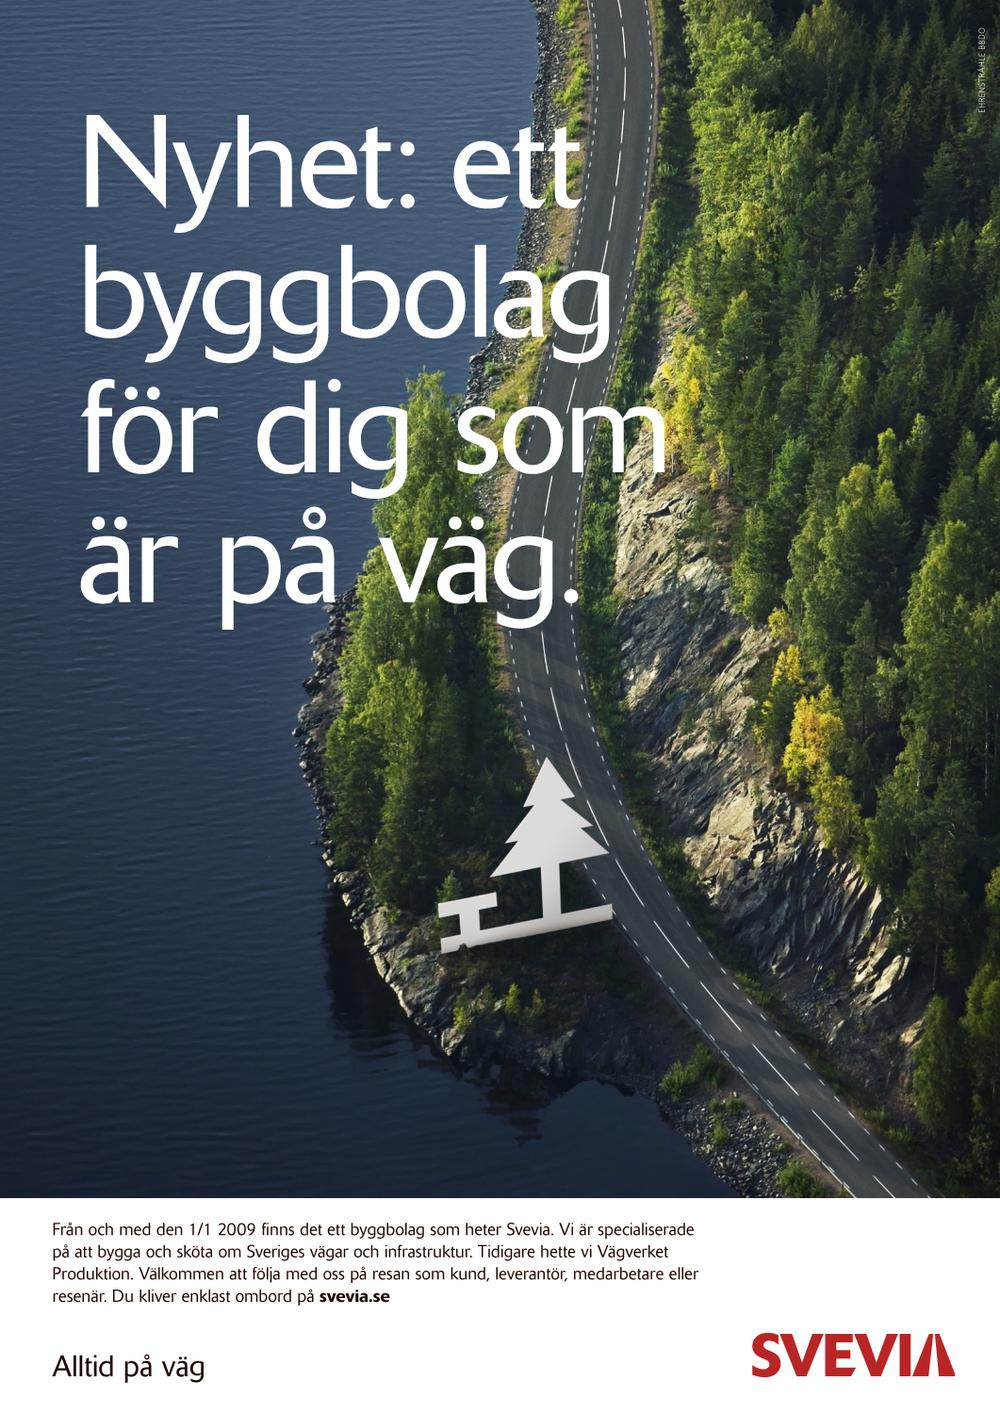 Svevia_100W_02_Nyhet_ett_byggbolag-Rastplats.jpg